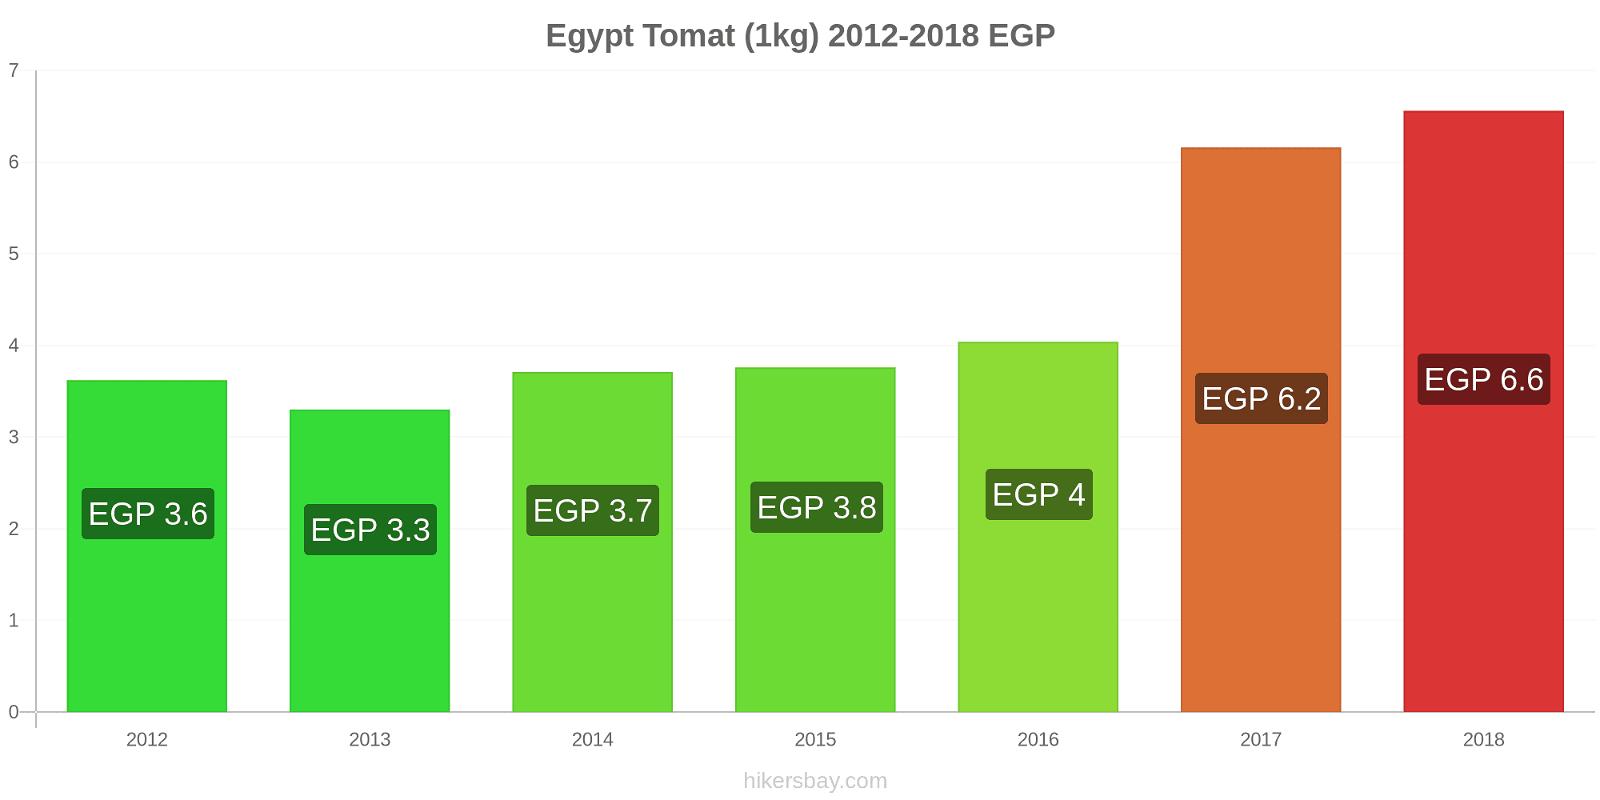 Egypt prisendringer Tomat (1kg) hikersbay.com